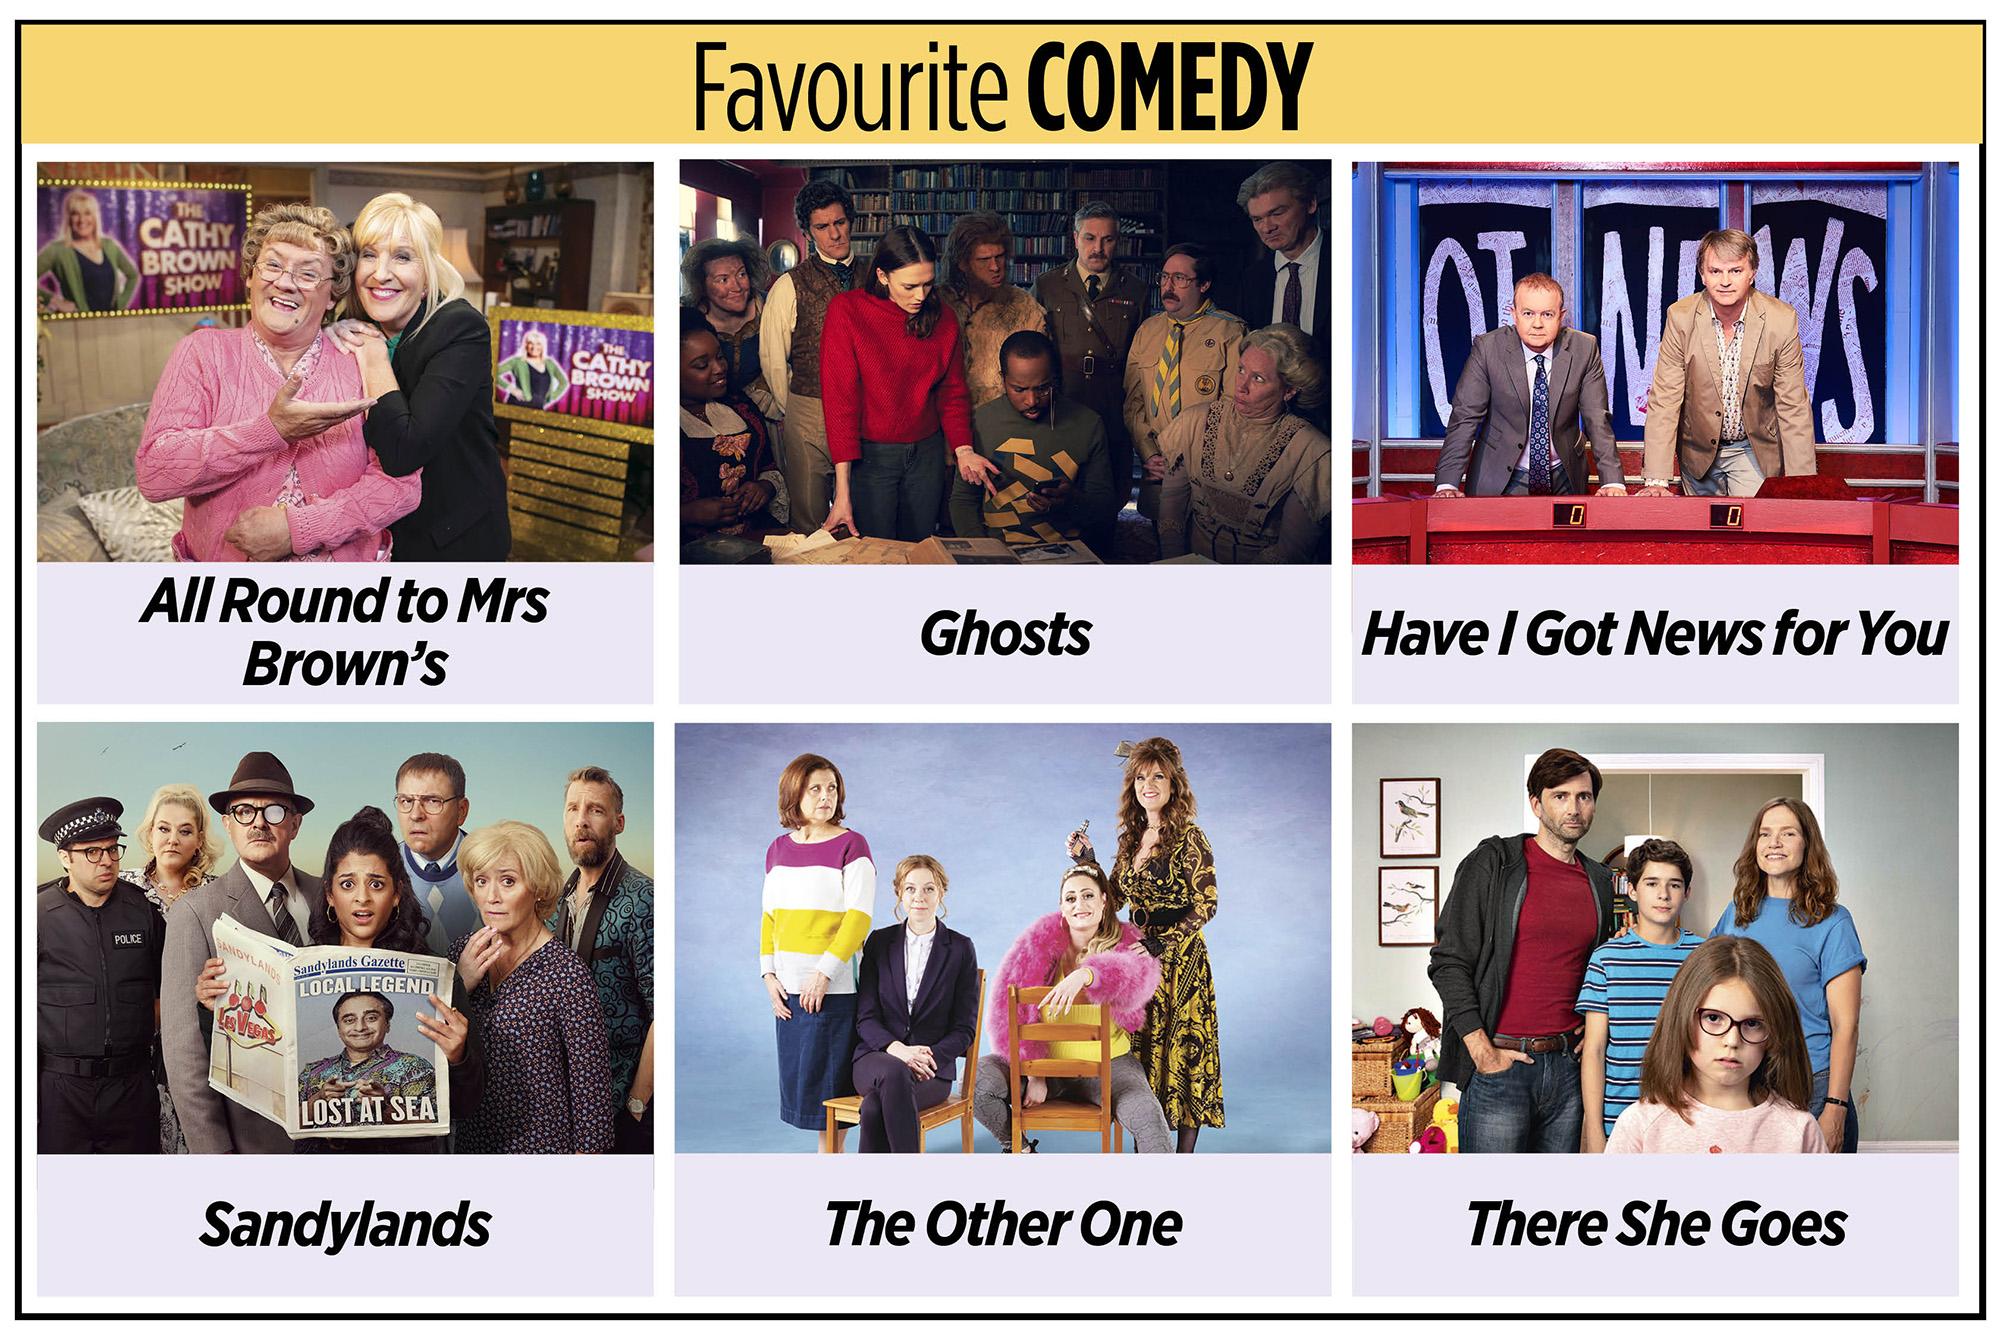 Comedia favorita de los TV Times Awards 2020